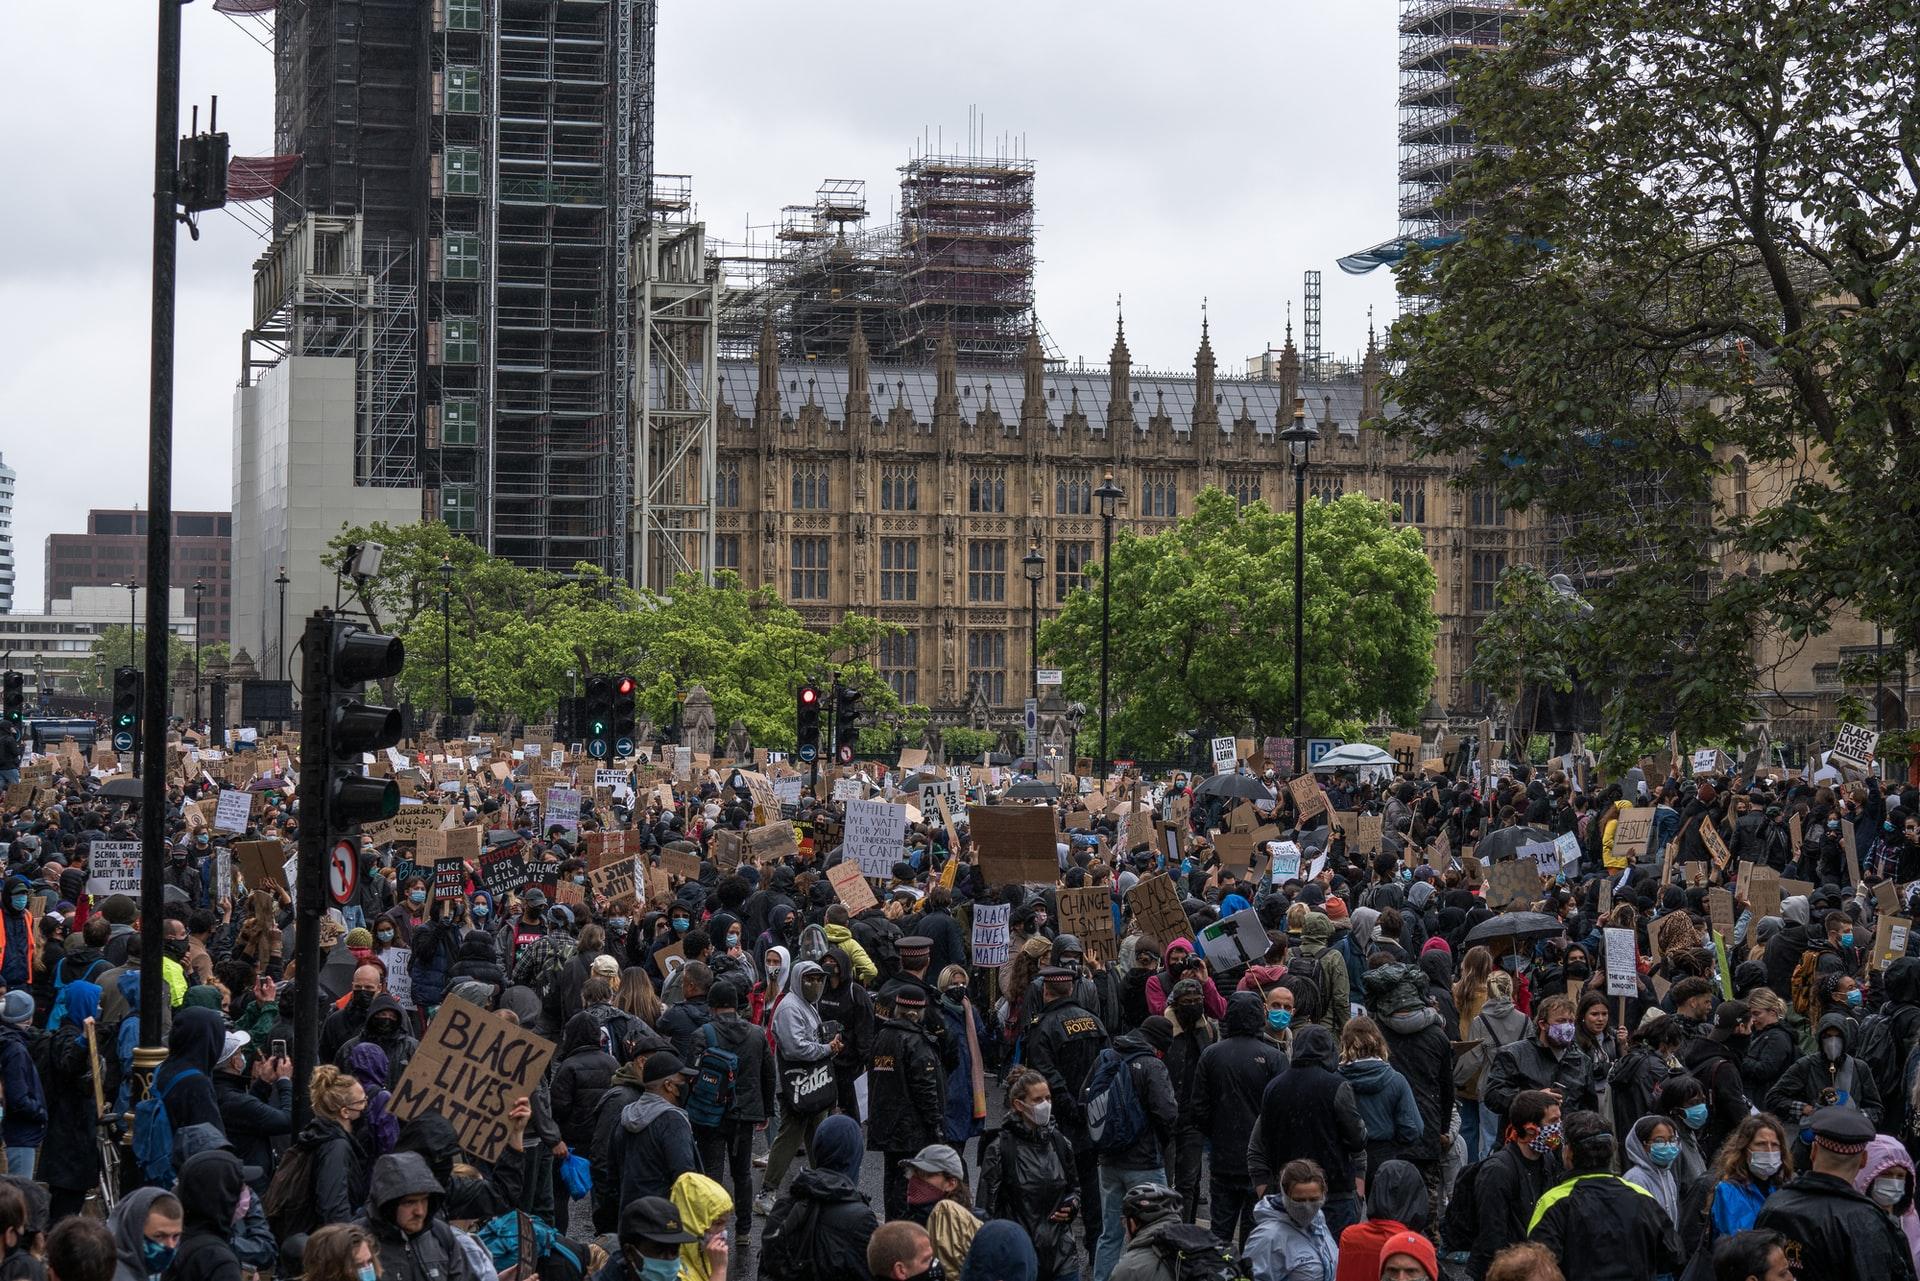 BLM protests in London 2020. Photo by @eadesstudio via Unsplash